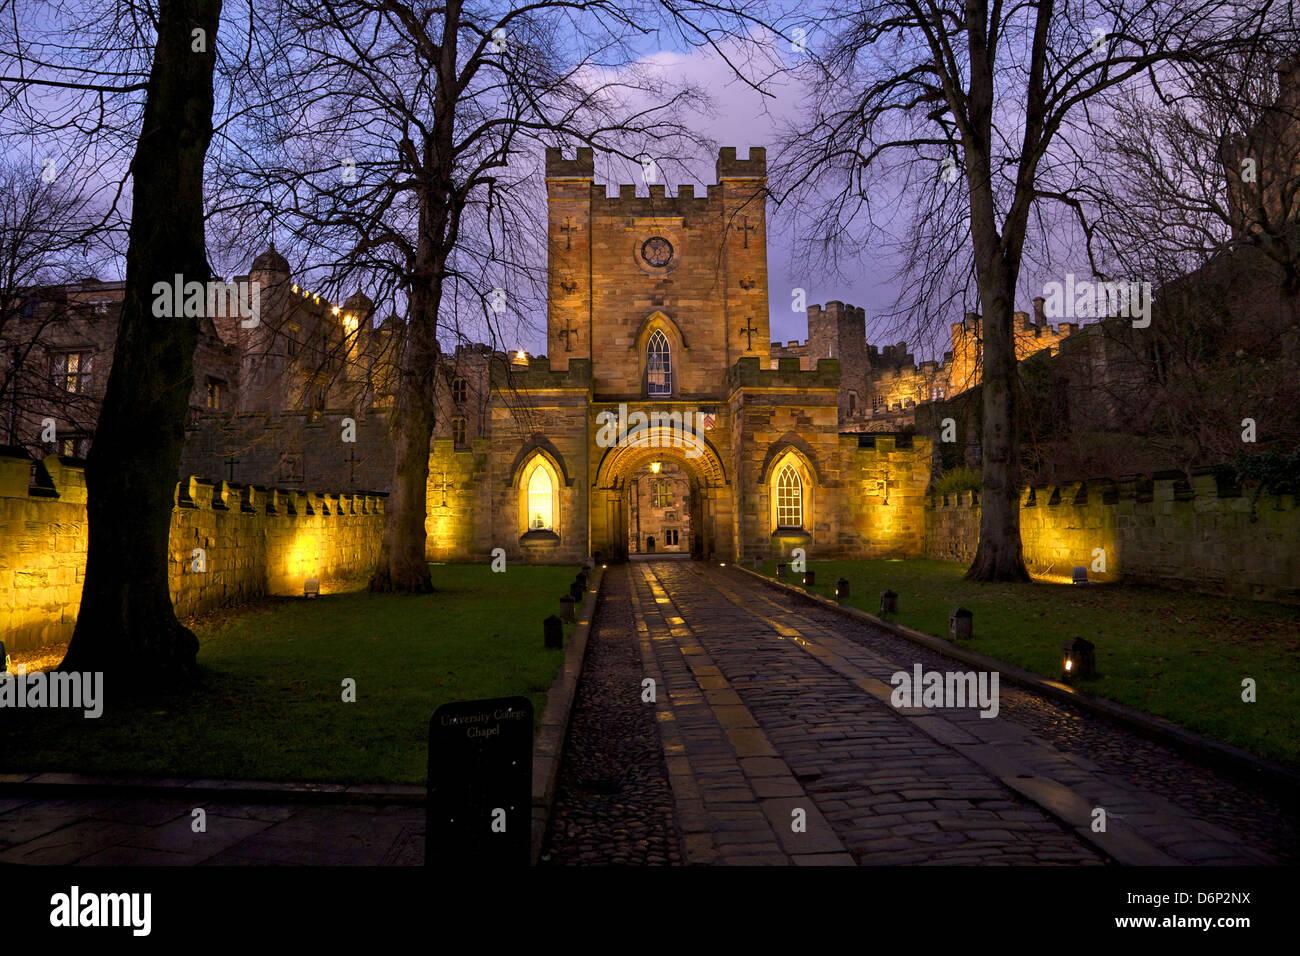 Gatehouse, Durham Castle, University College, Durham, England, United Kingdom, Europe - Stock Image